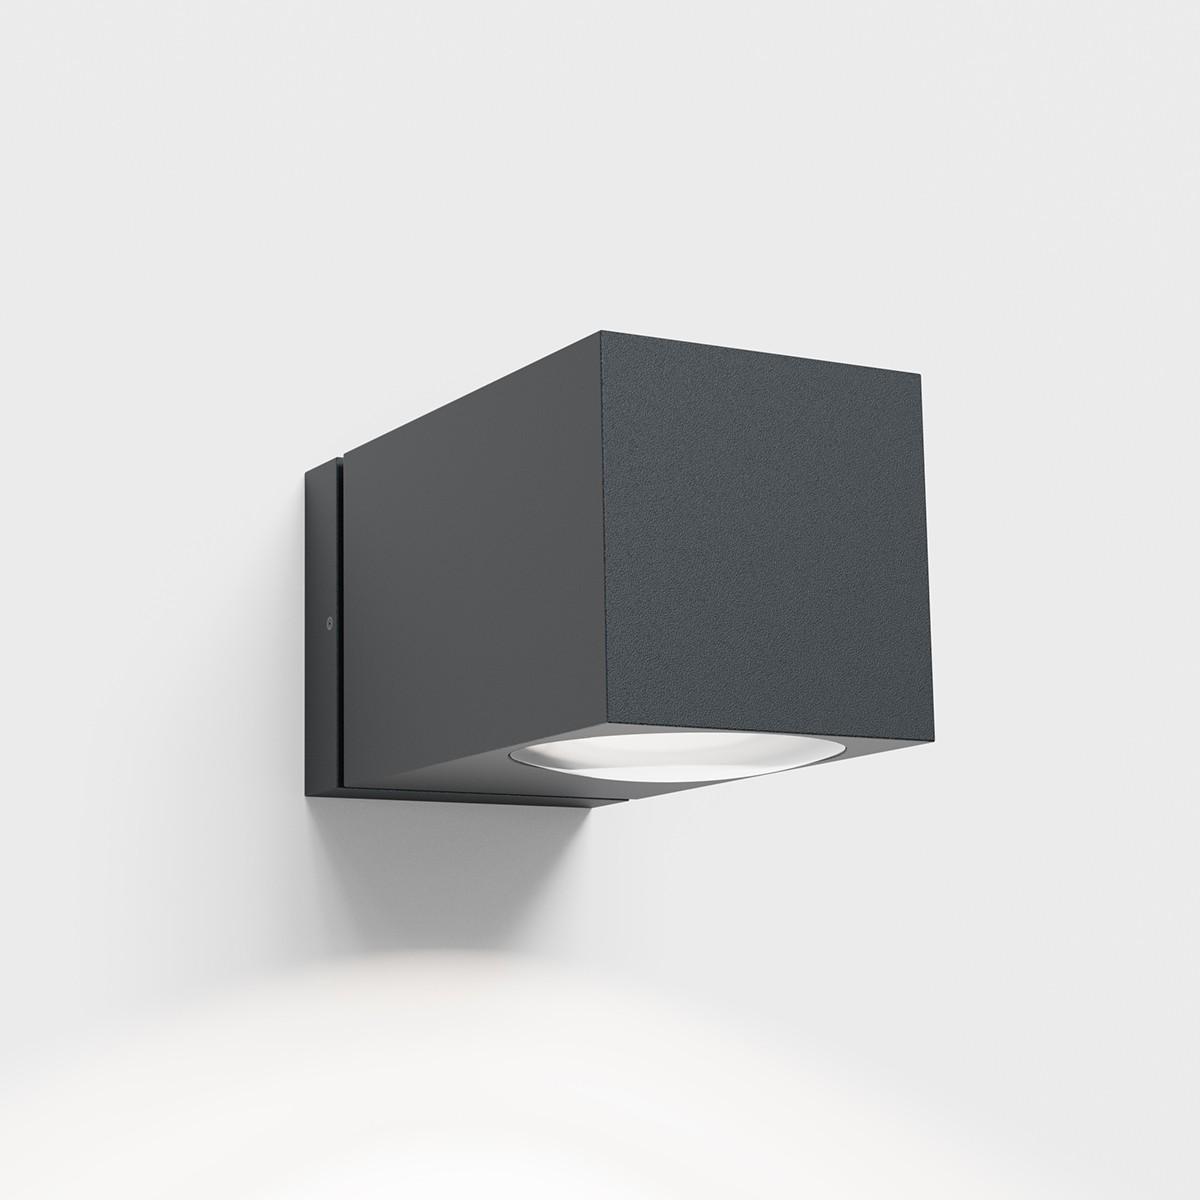 IP44.de Como Down LED Außenwandleuchte, anthracite (anthrazit)